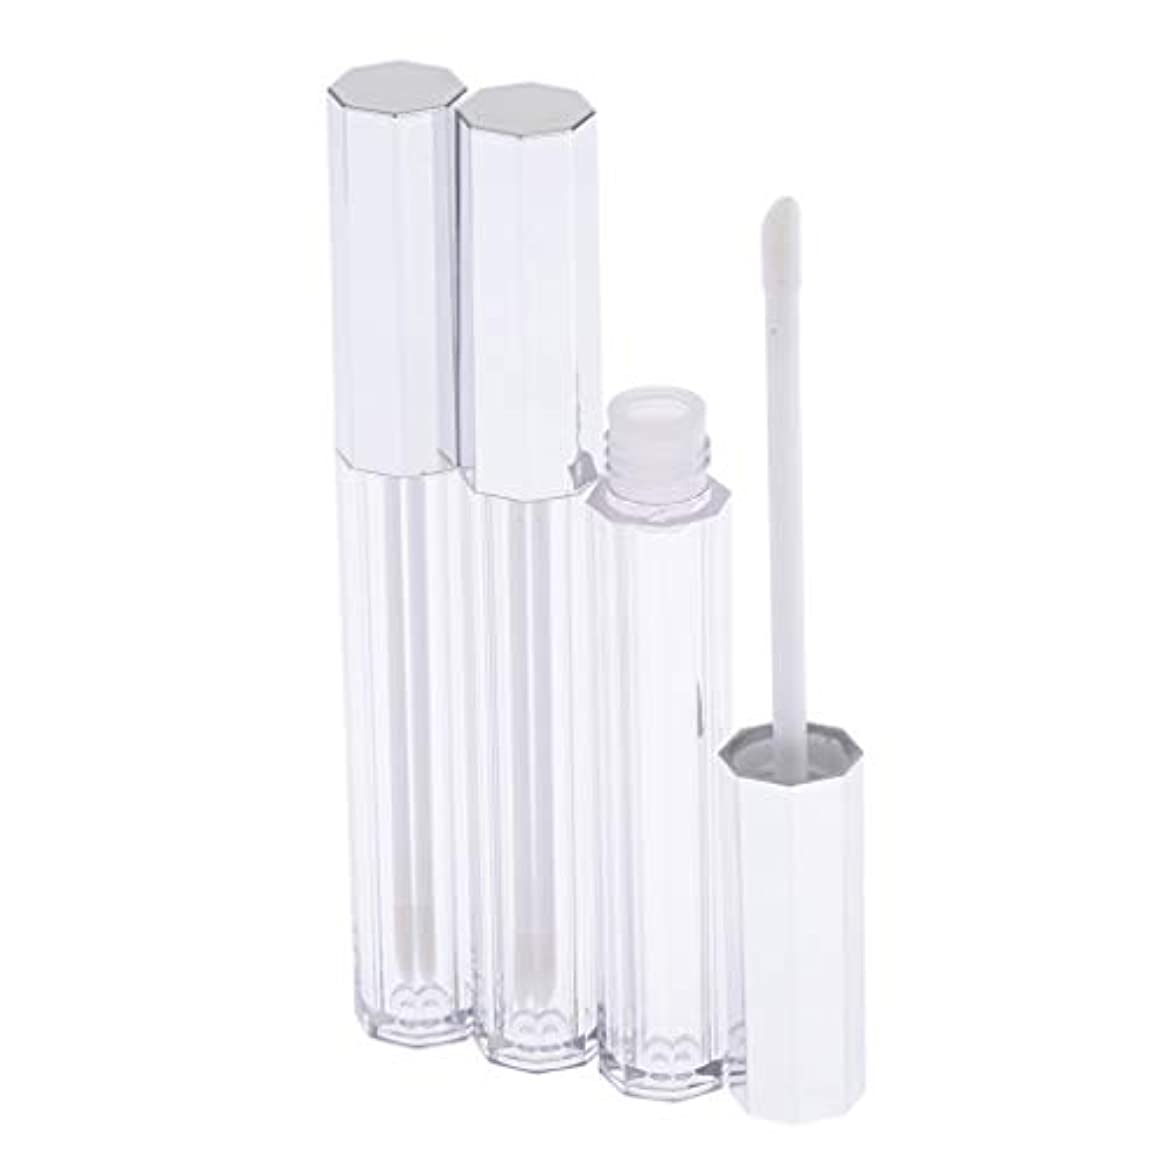 父方の命令的ボットリップグロス 容器 チューブ クリア リップスティックチューブ プラスチック 5ml 3個セット